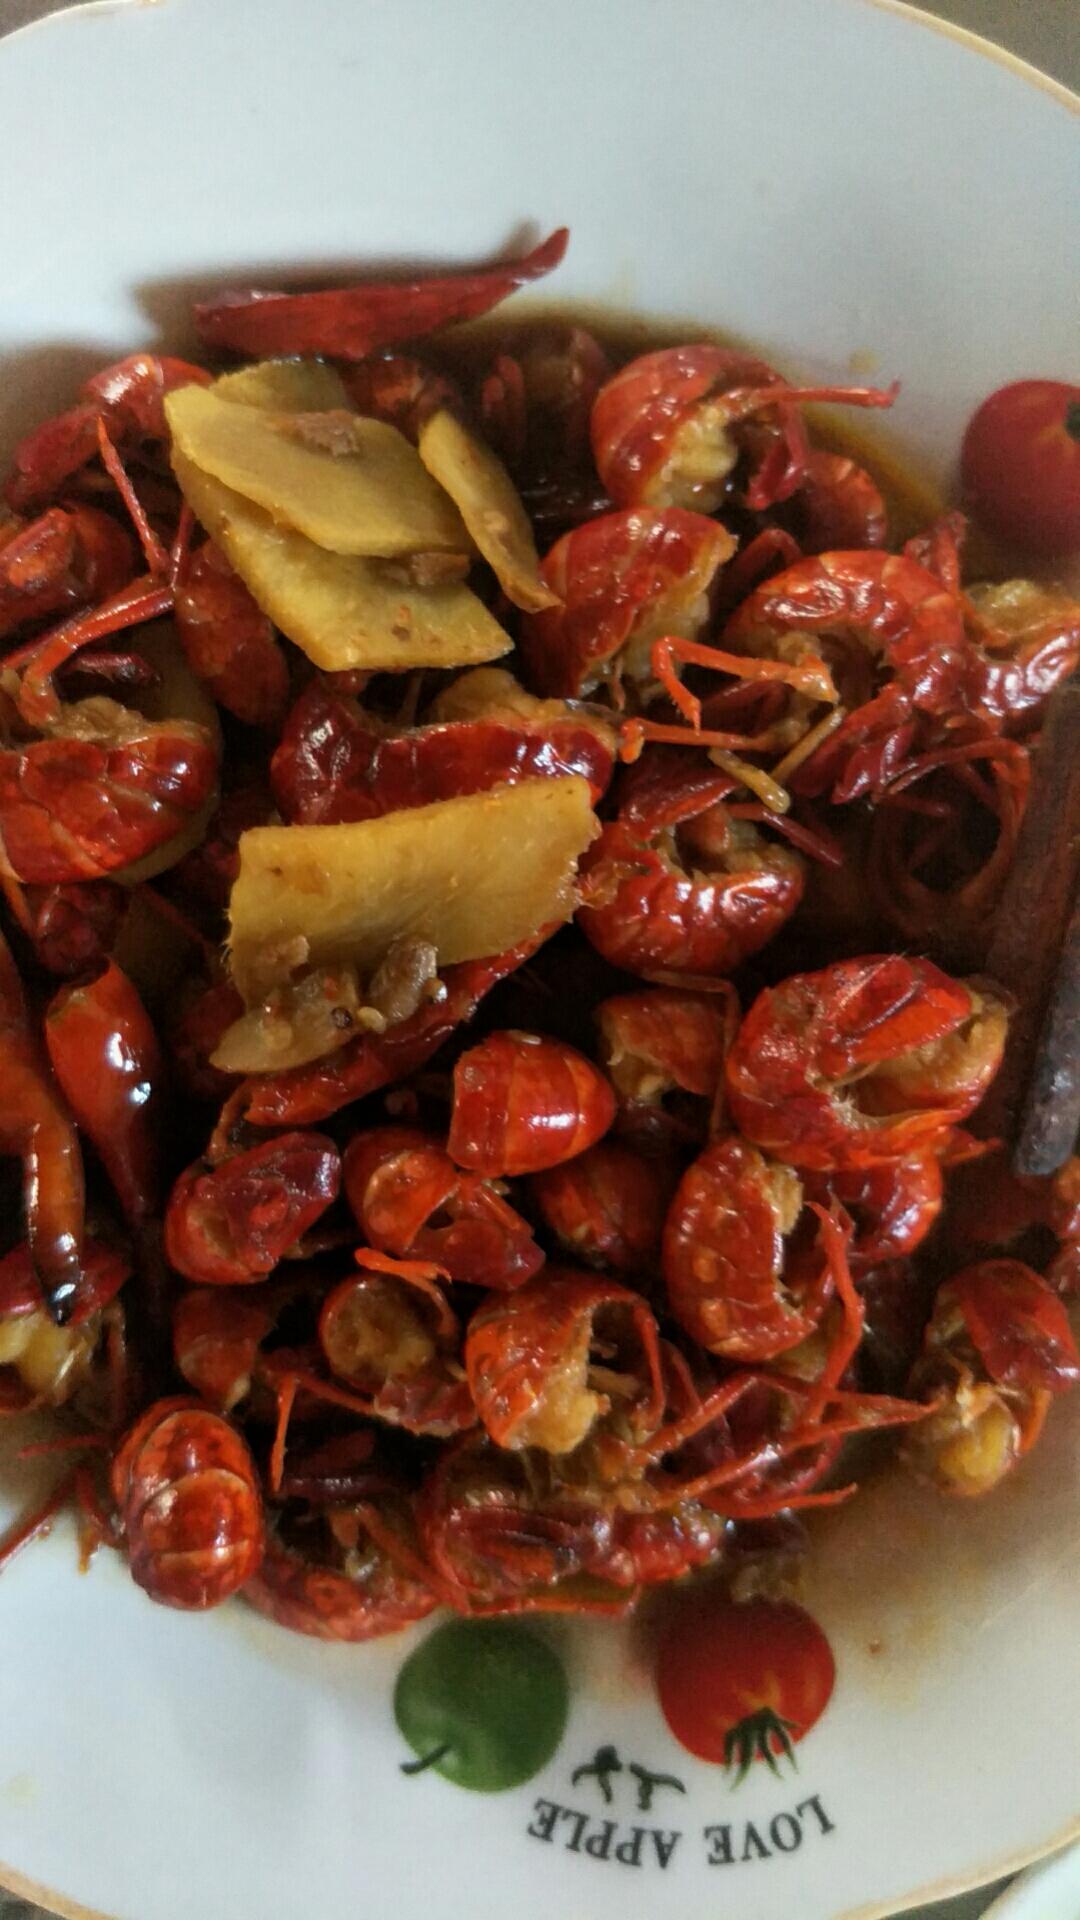 加点_麻辣龙虾尾的做法_麻辣龙虾尾怎么做_美食杰